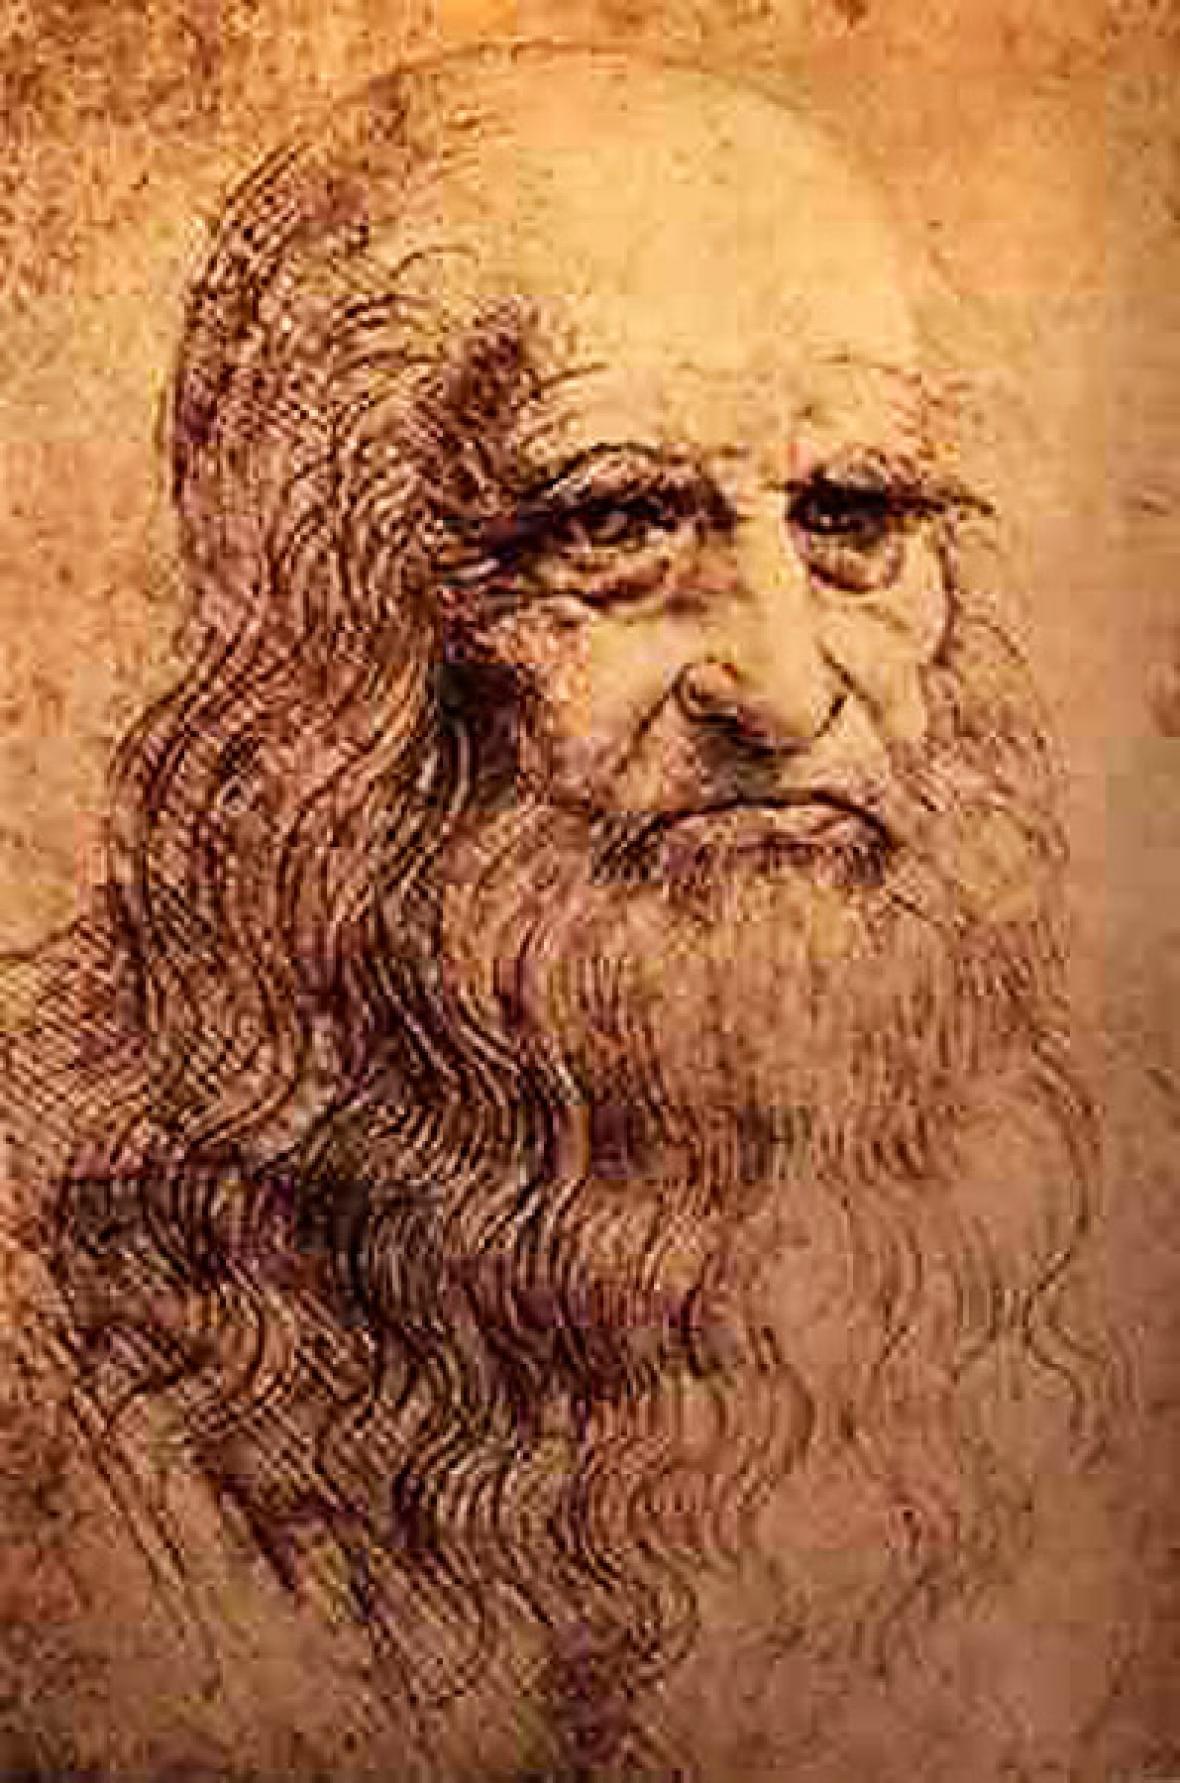 Cuadro De La Ultima Cena Por Leonardo Da Vinci